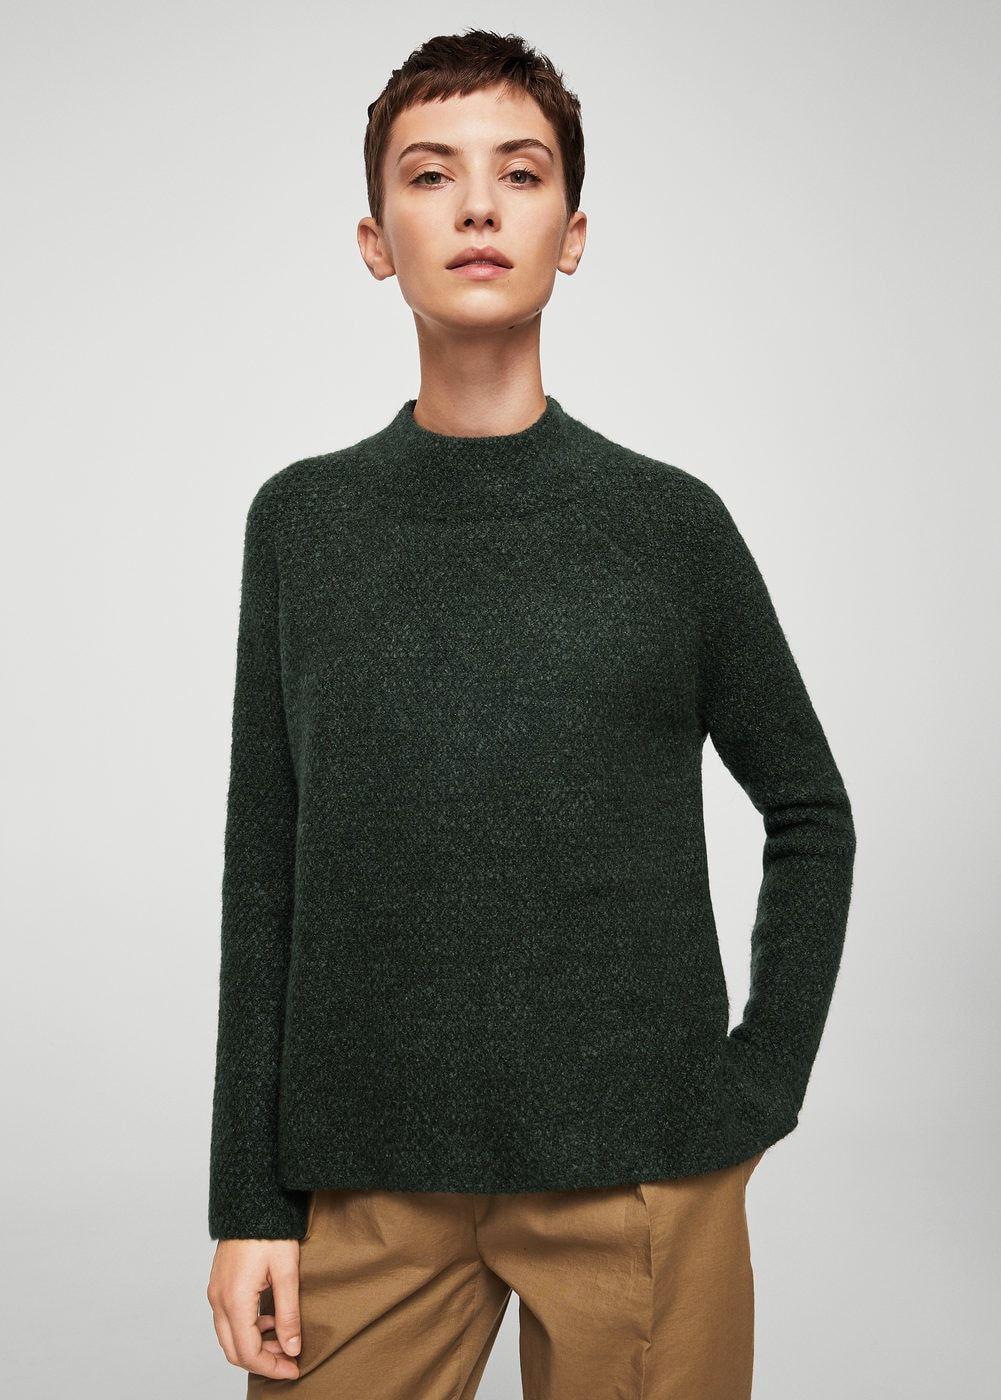 Chunky-knit sweater - Women  447387150